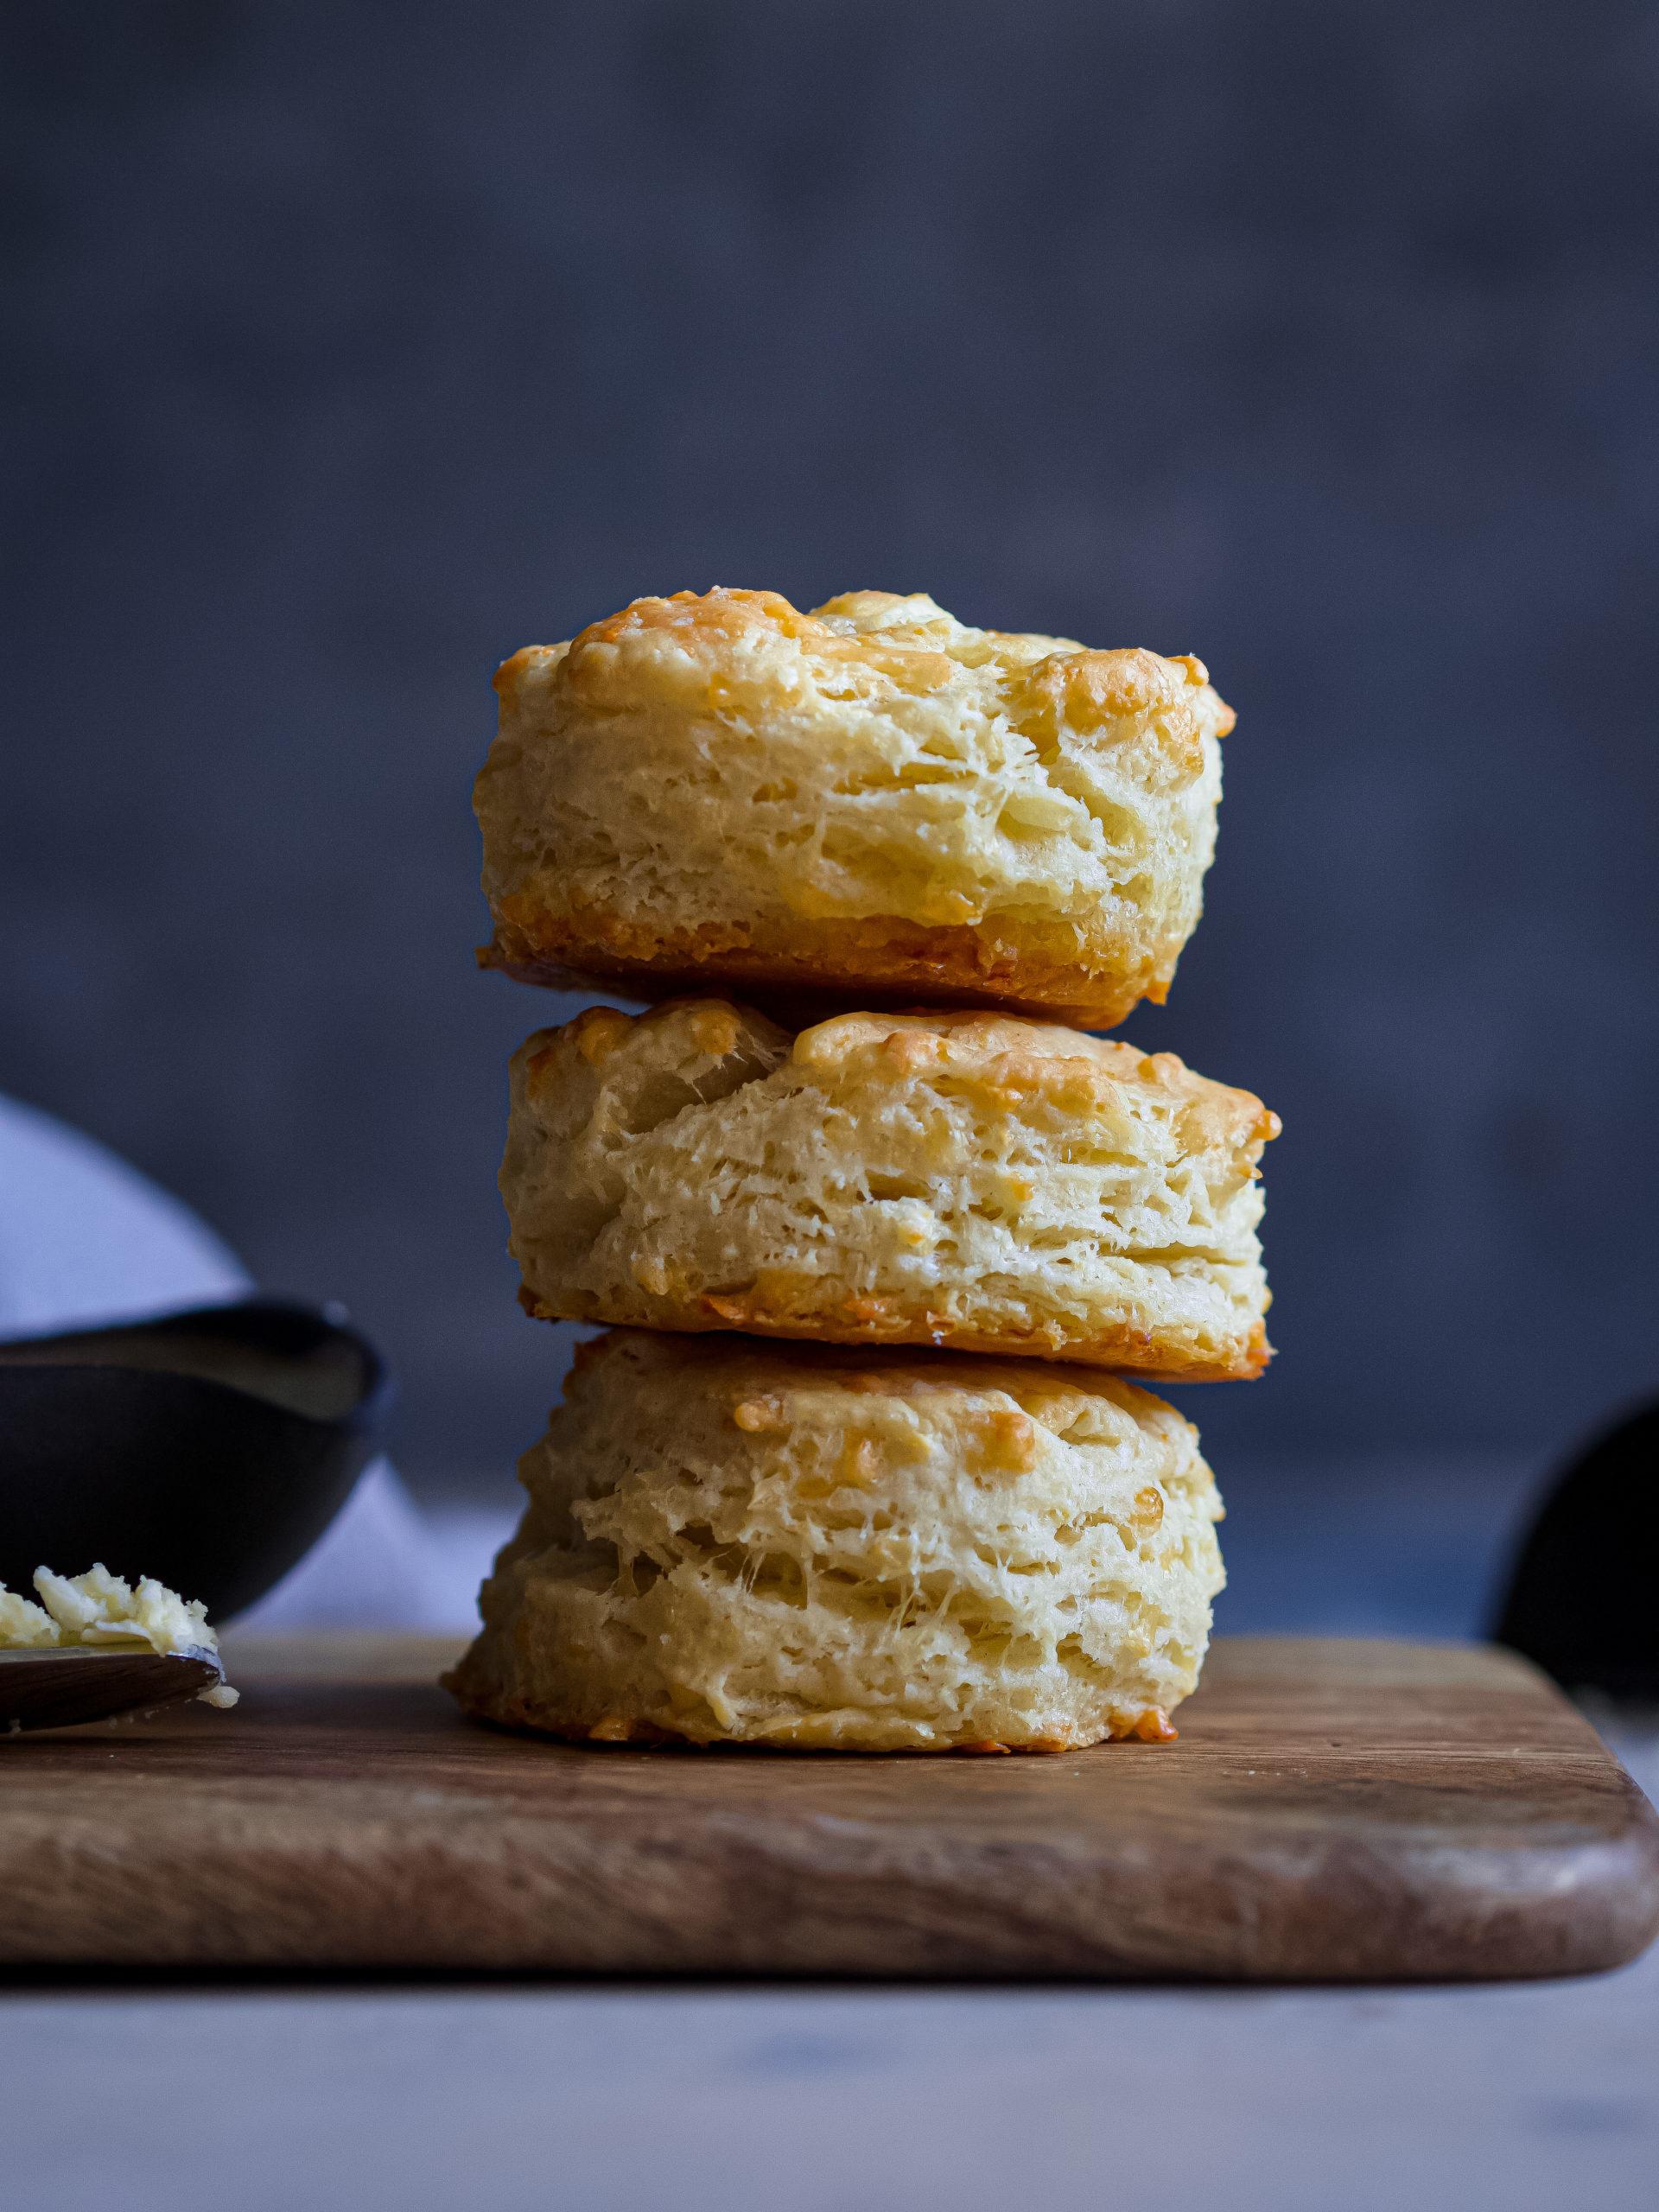 De petits pains américains, les biscuits, mis les uns sur les autres